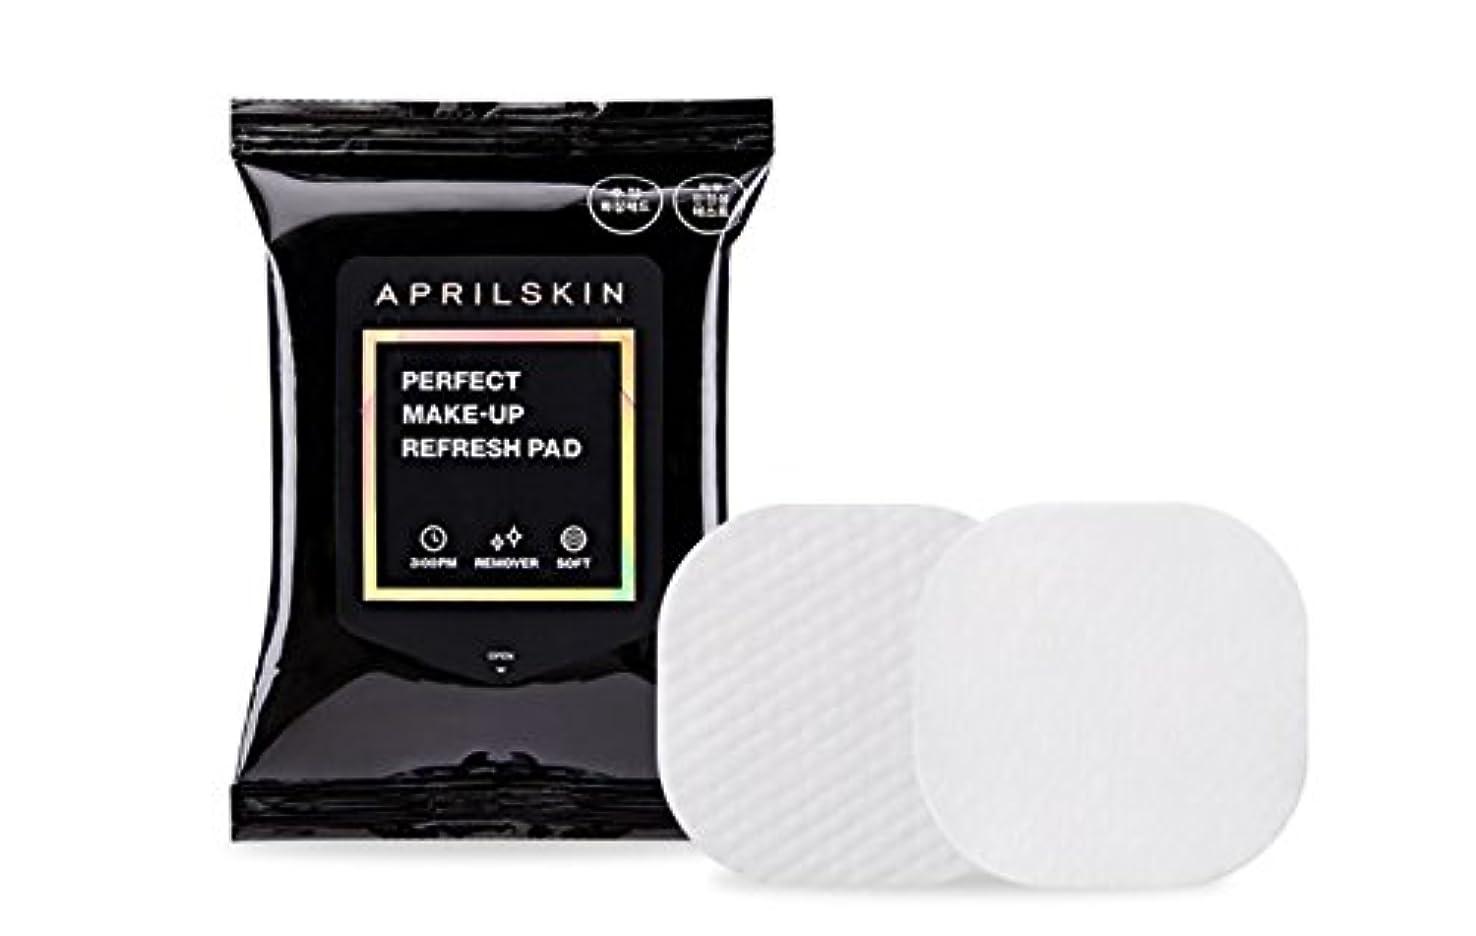 手術オーラル可聴[APRILSKIN] エイプリルスキンパーフェクト修正化粧パッド 55g 30枚 / PERFECT MAKE-UP REFRESH PAD [並行輸入品]